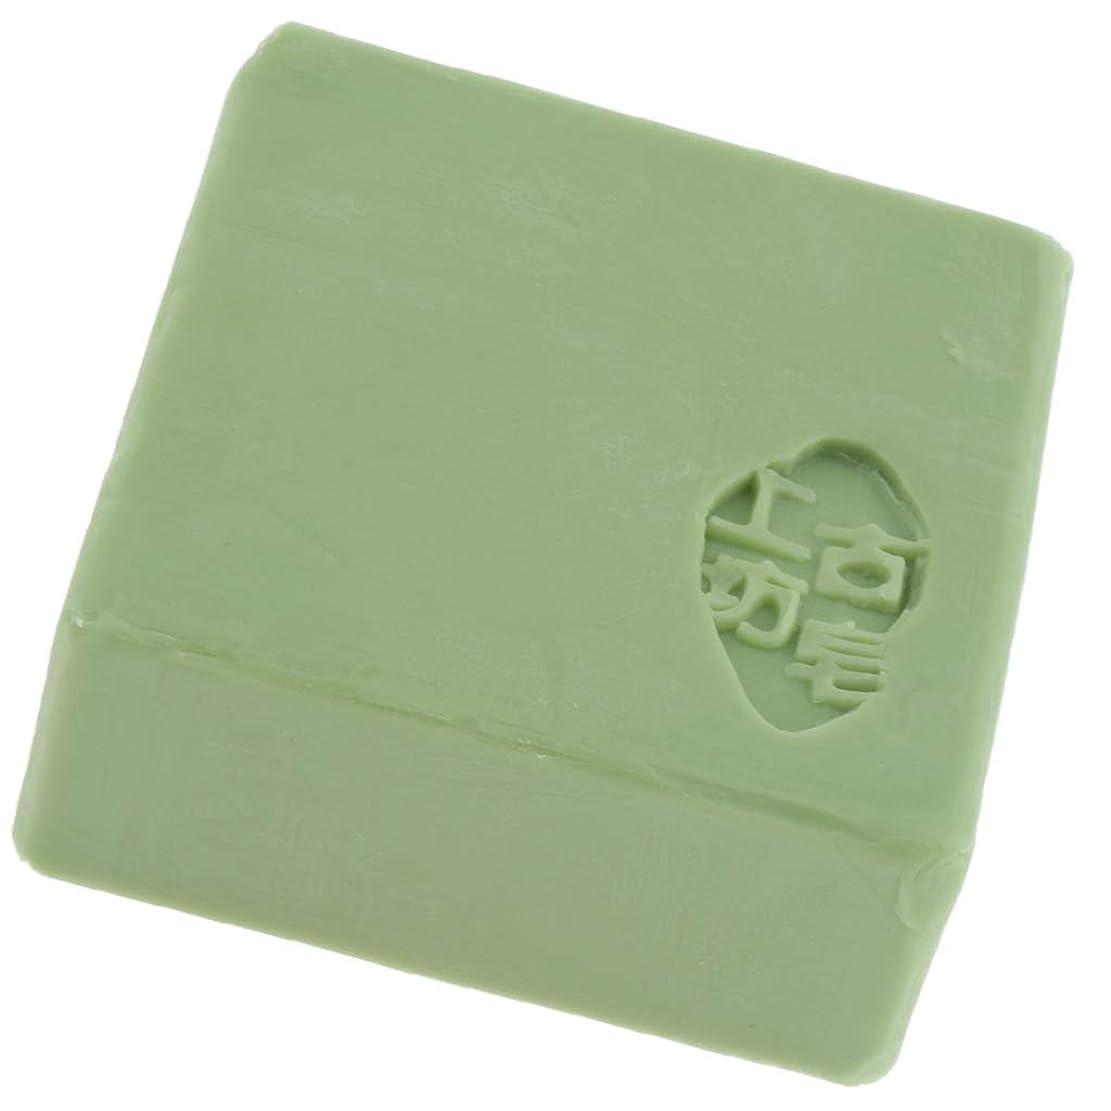 ありがたい九可聴Baoblaze バス スキンケア フェイス ボディソープ 石鹸 保湿 好意 全3色 - 緑